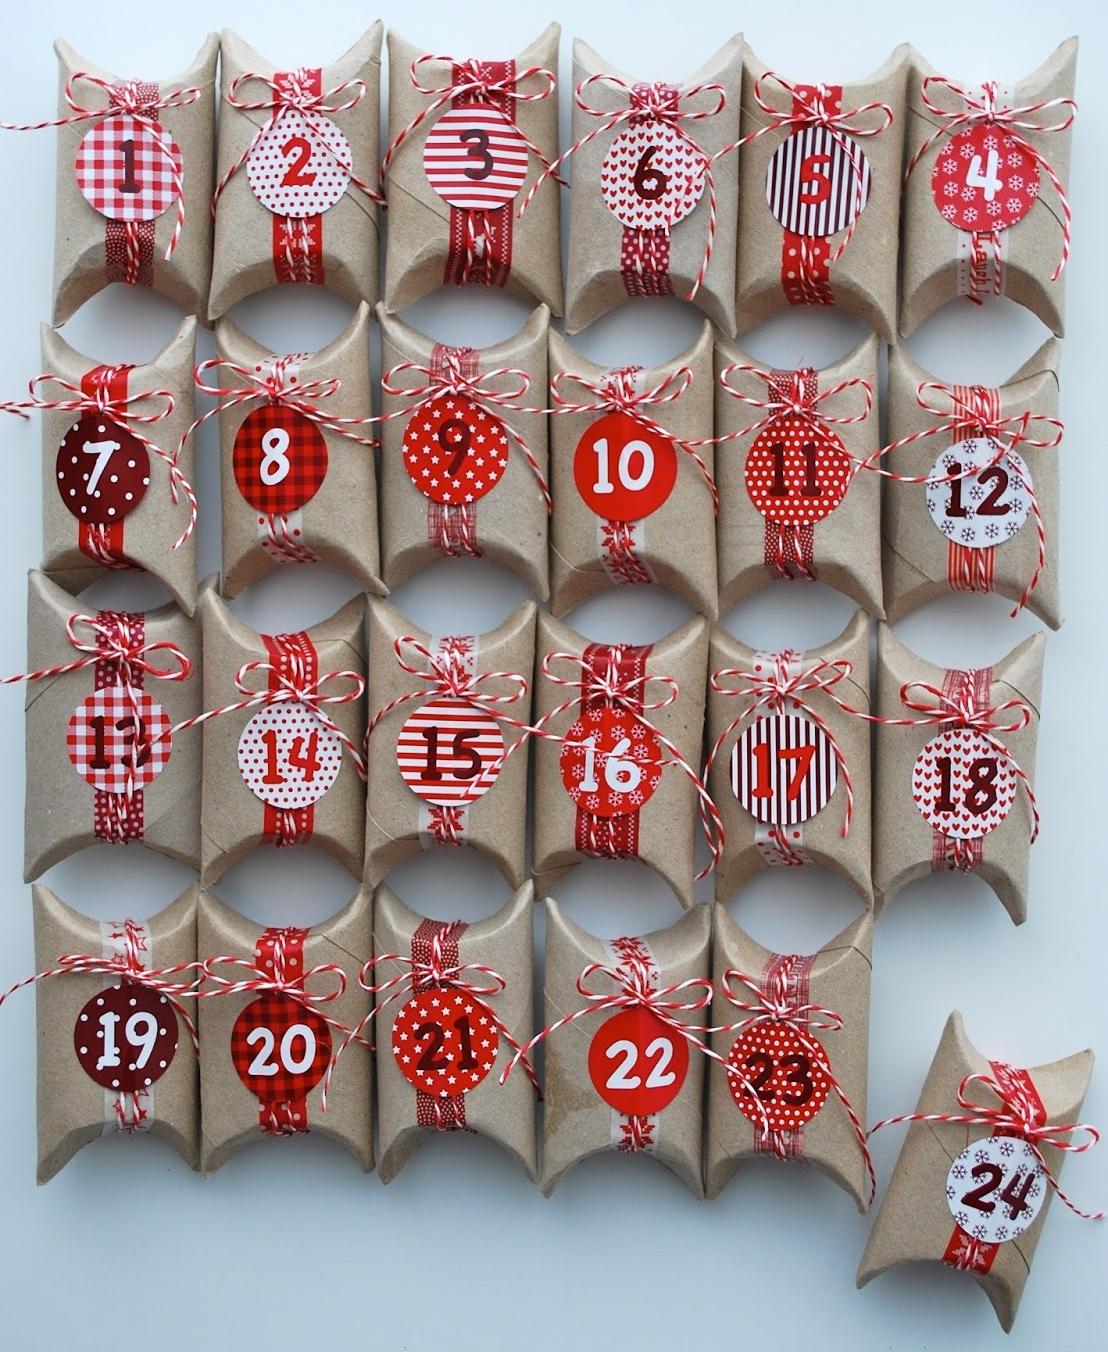 Calendario De Adviento Casero.Crea Tu Propio Calendario De Adviento Con Estas Ideas Es Muy Facil